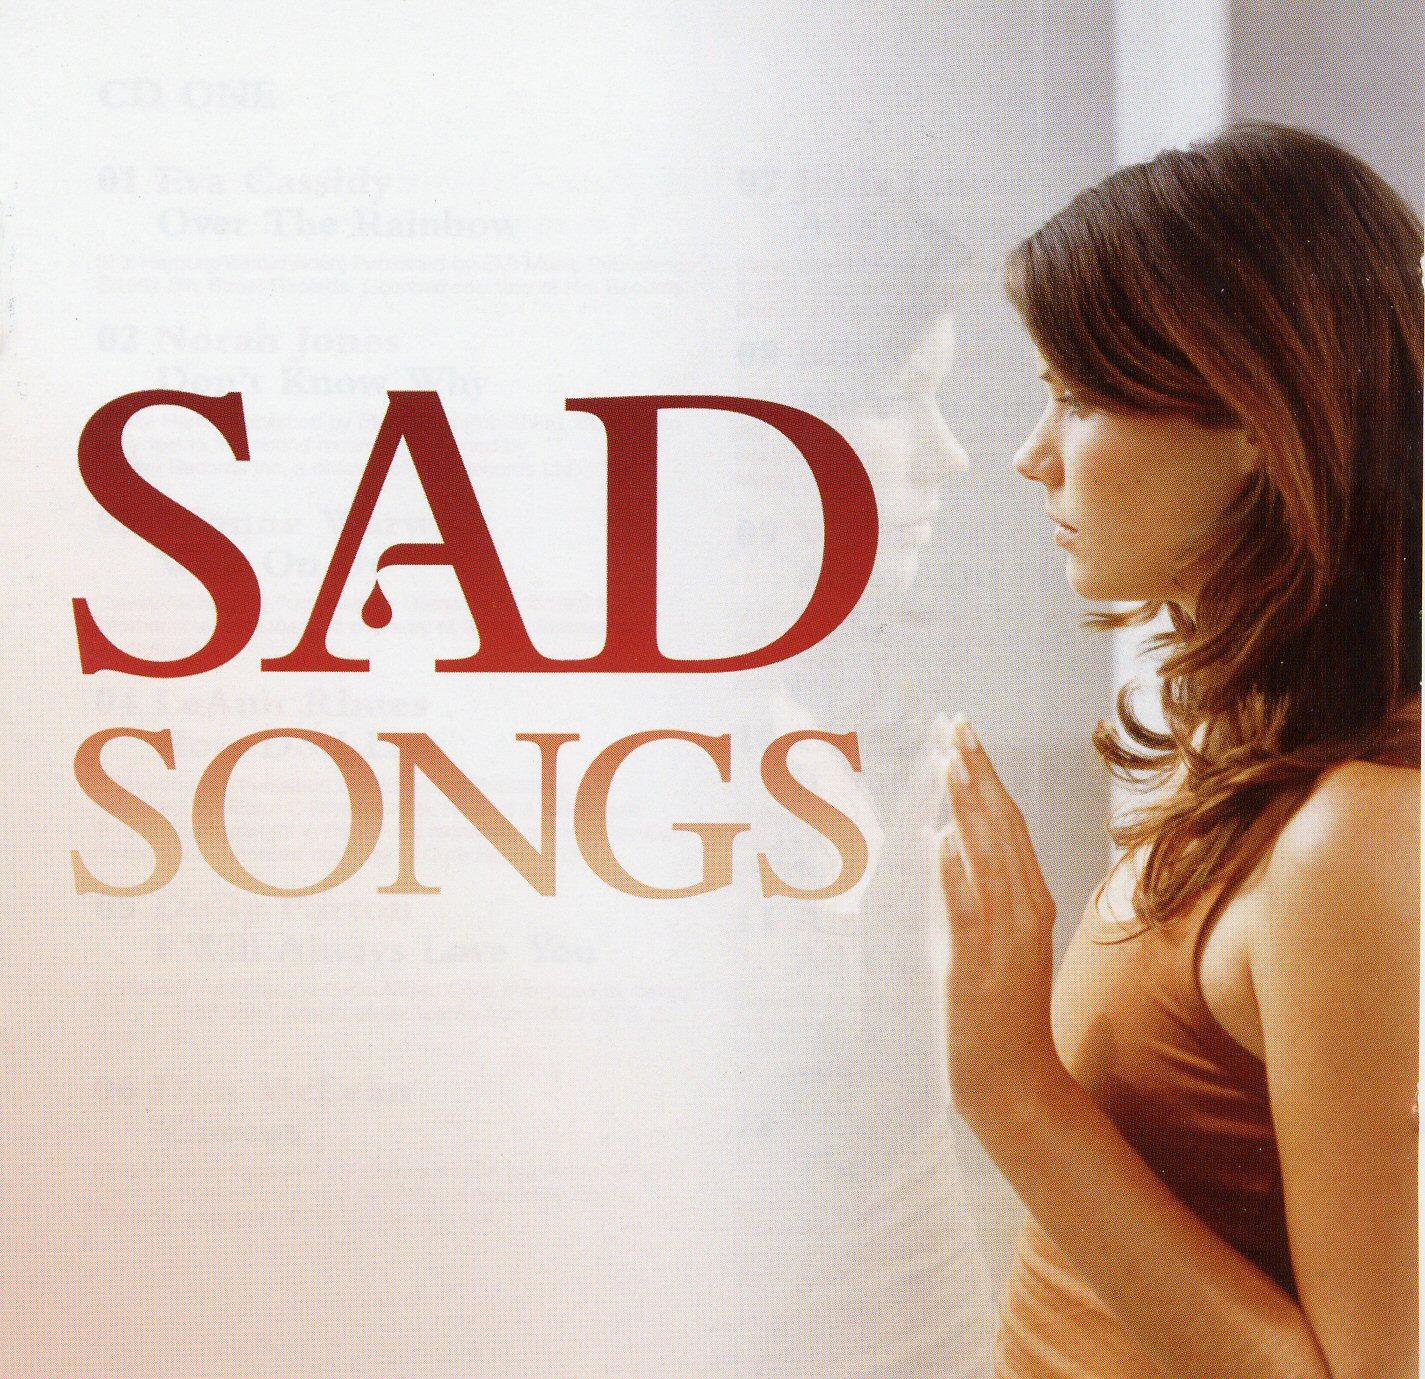 http://3.bp.blogspot.com/_Dq93TBJ3xjo/SjuNZ2dG5cI/AAAAAAAAD_g/AqnUvW-35zw/s1600/2004+-+Sad+Songs+Vol.1+-+Front.jpg